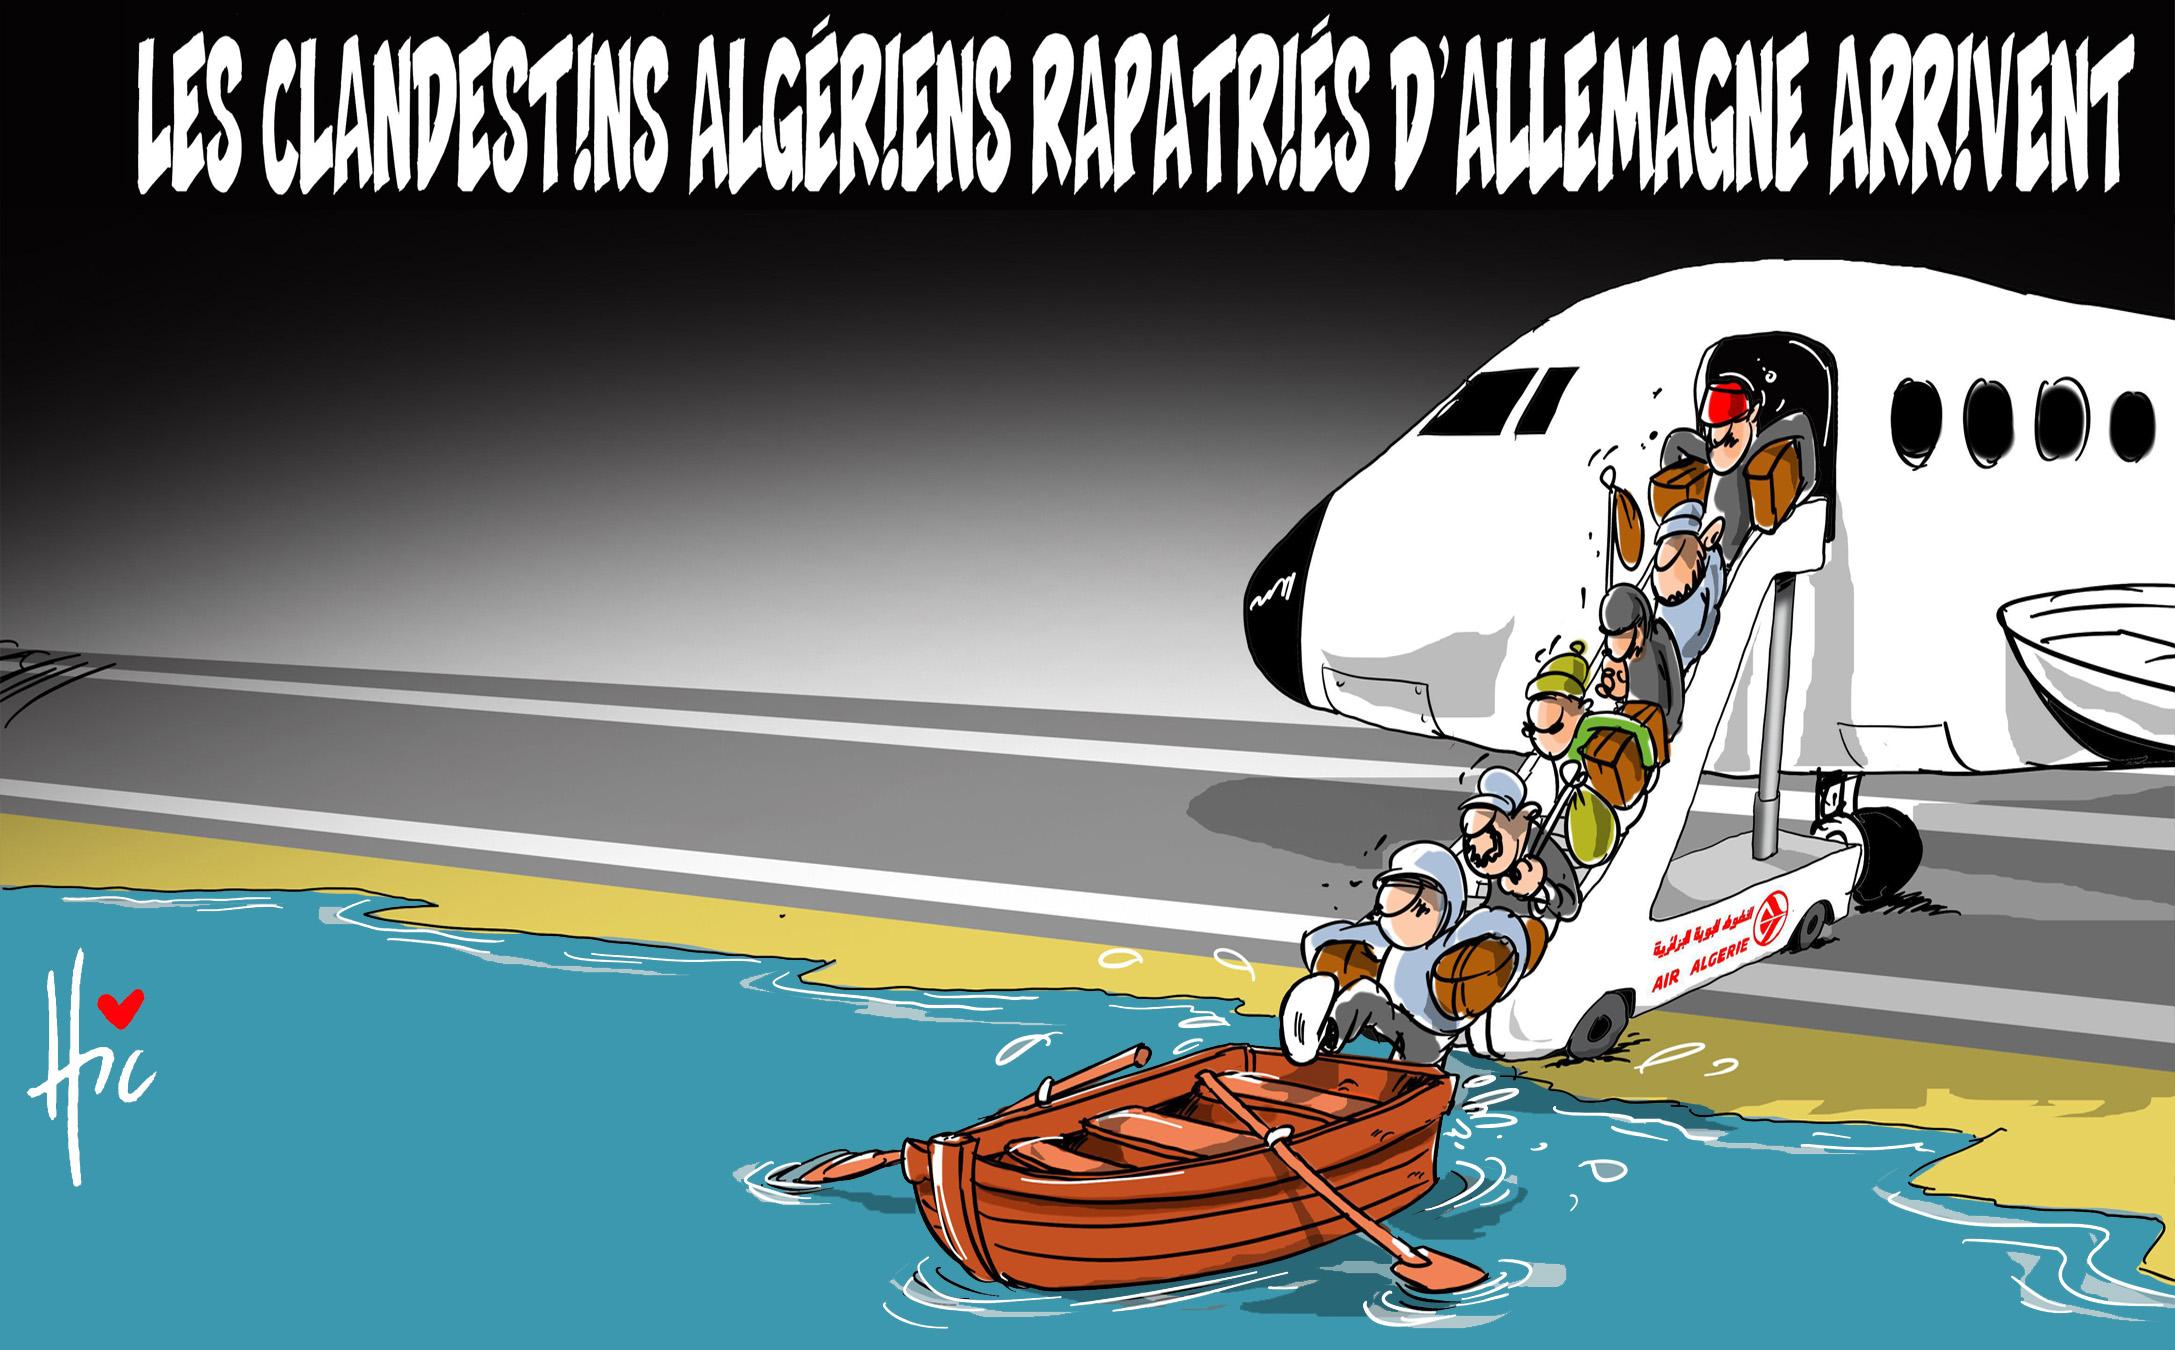 Les clandestins algériens rapatriés d'Allemagne arrivent - Dessins et Caricatures, Le Hic - El Watan - Gagdz.com